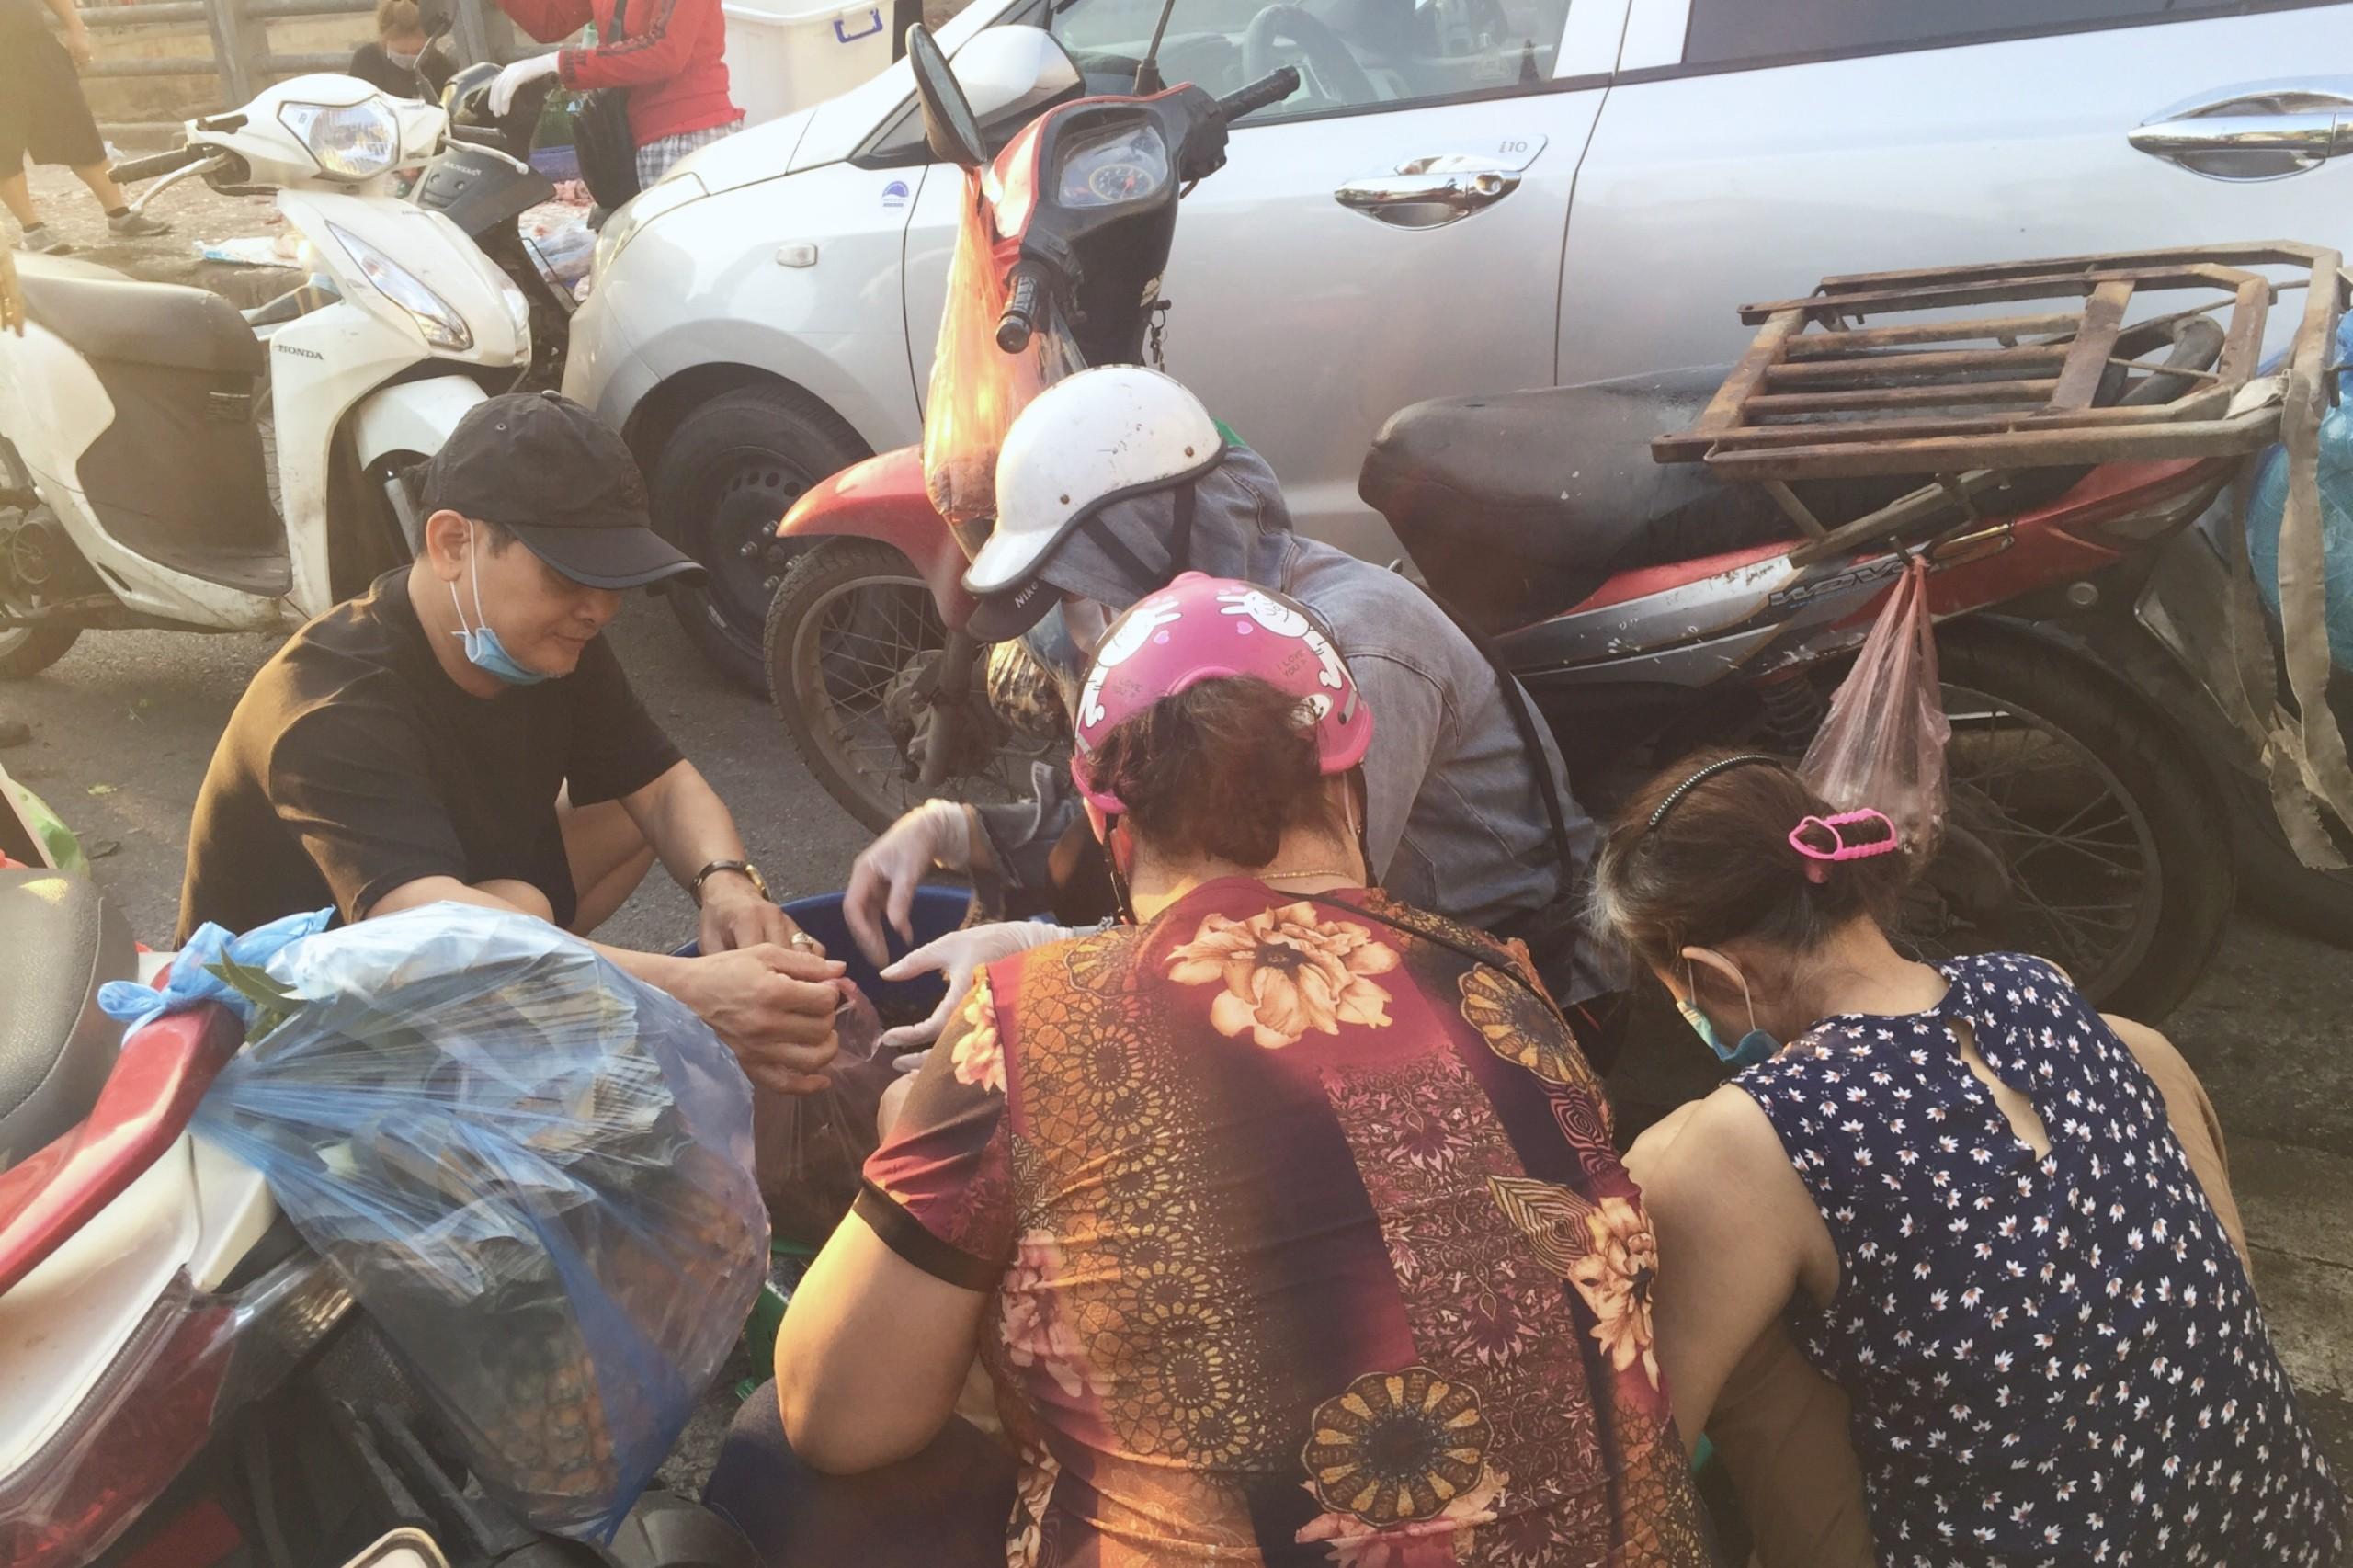 Chợ cóc, chợ tạm ở Hà Nội vẫn hoạt động bất chấp lệnh cấm - Ảnh 2.